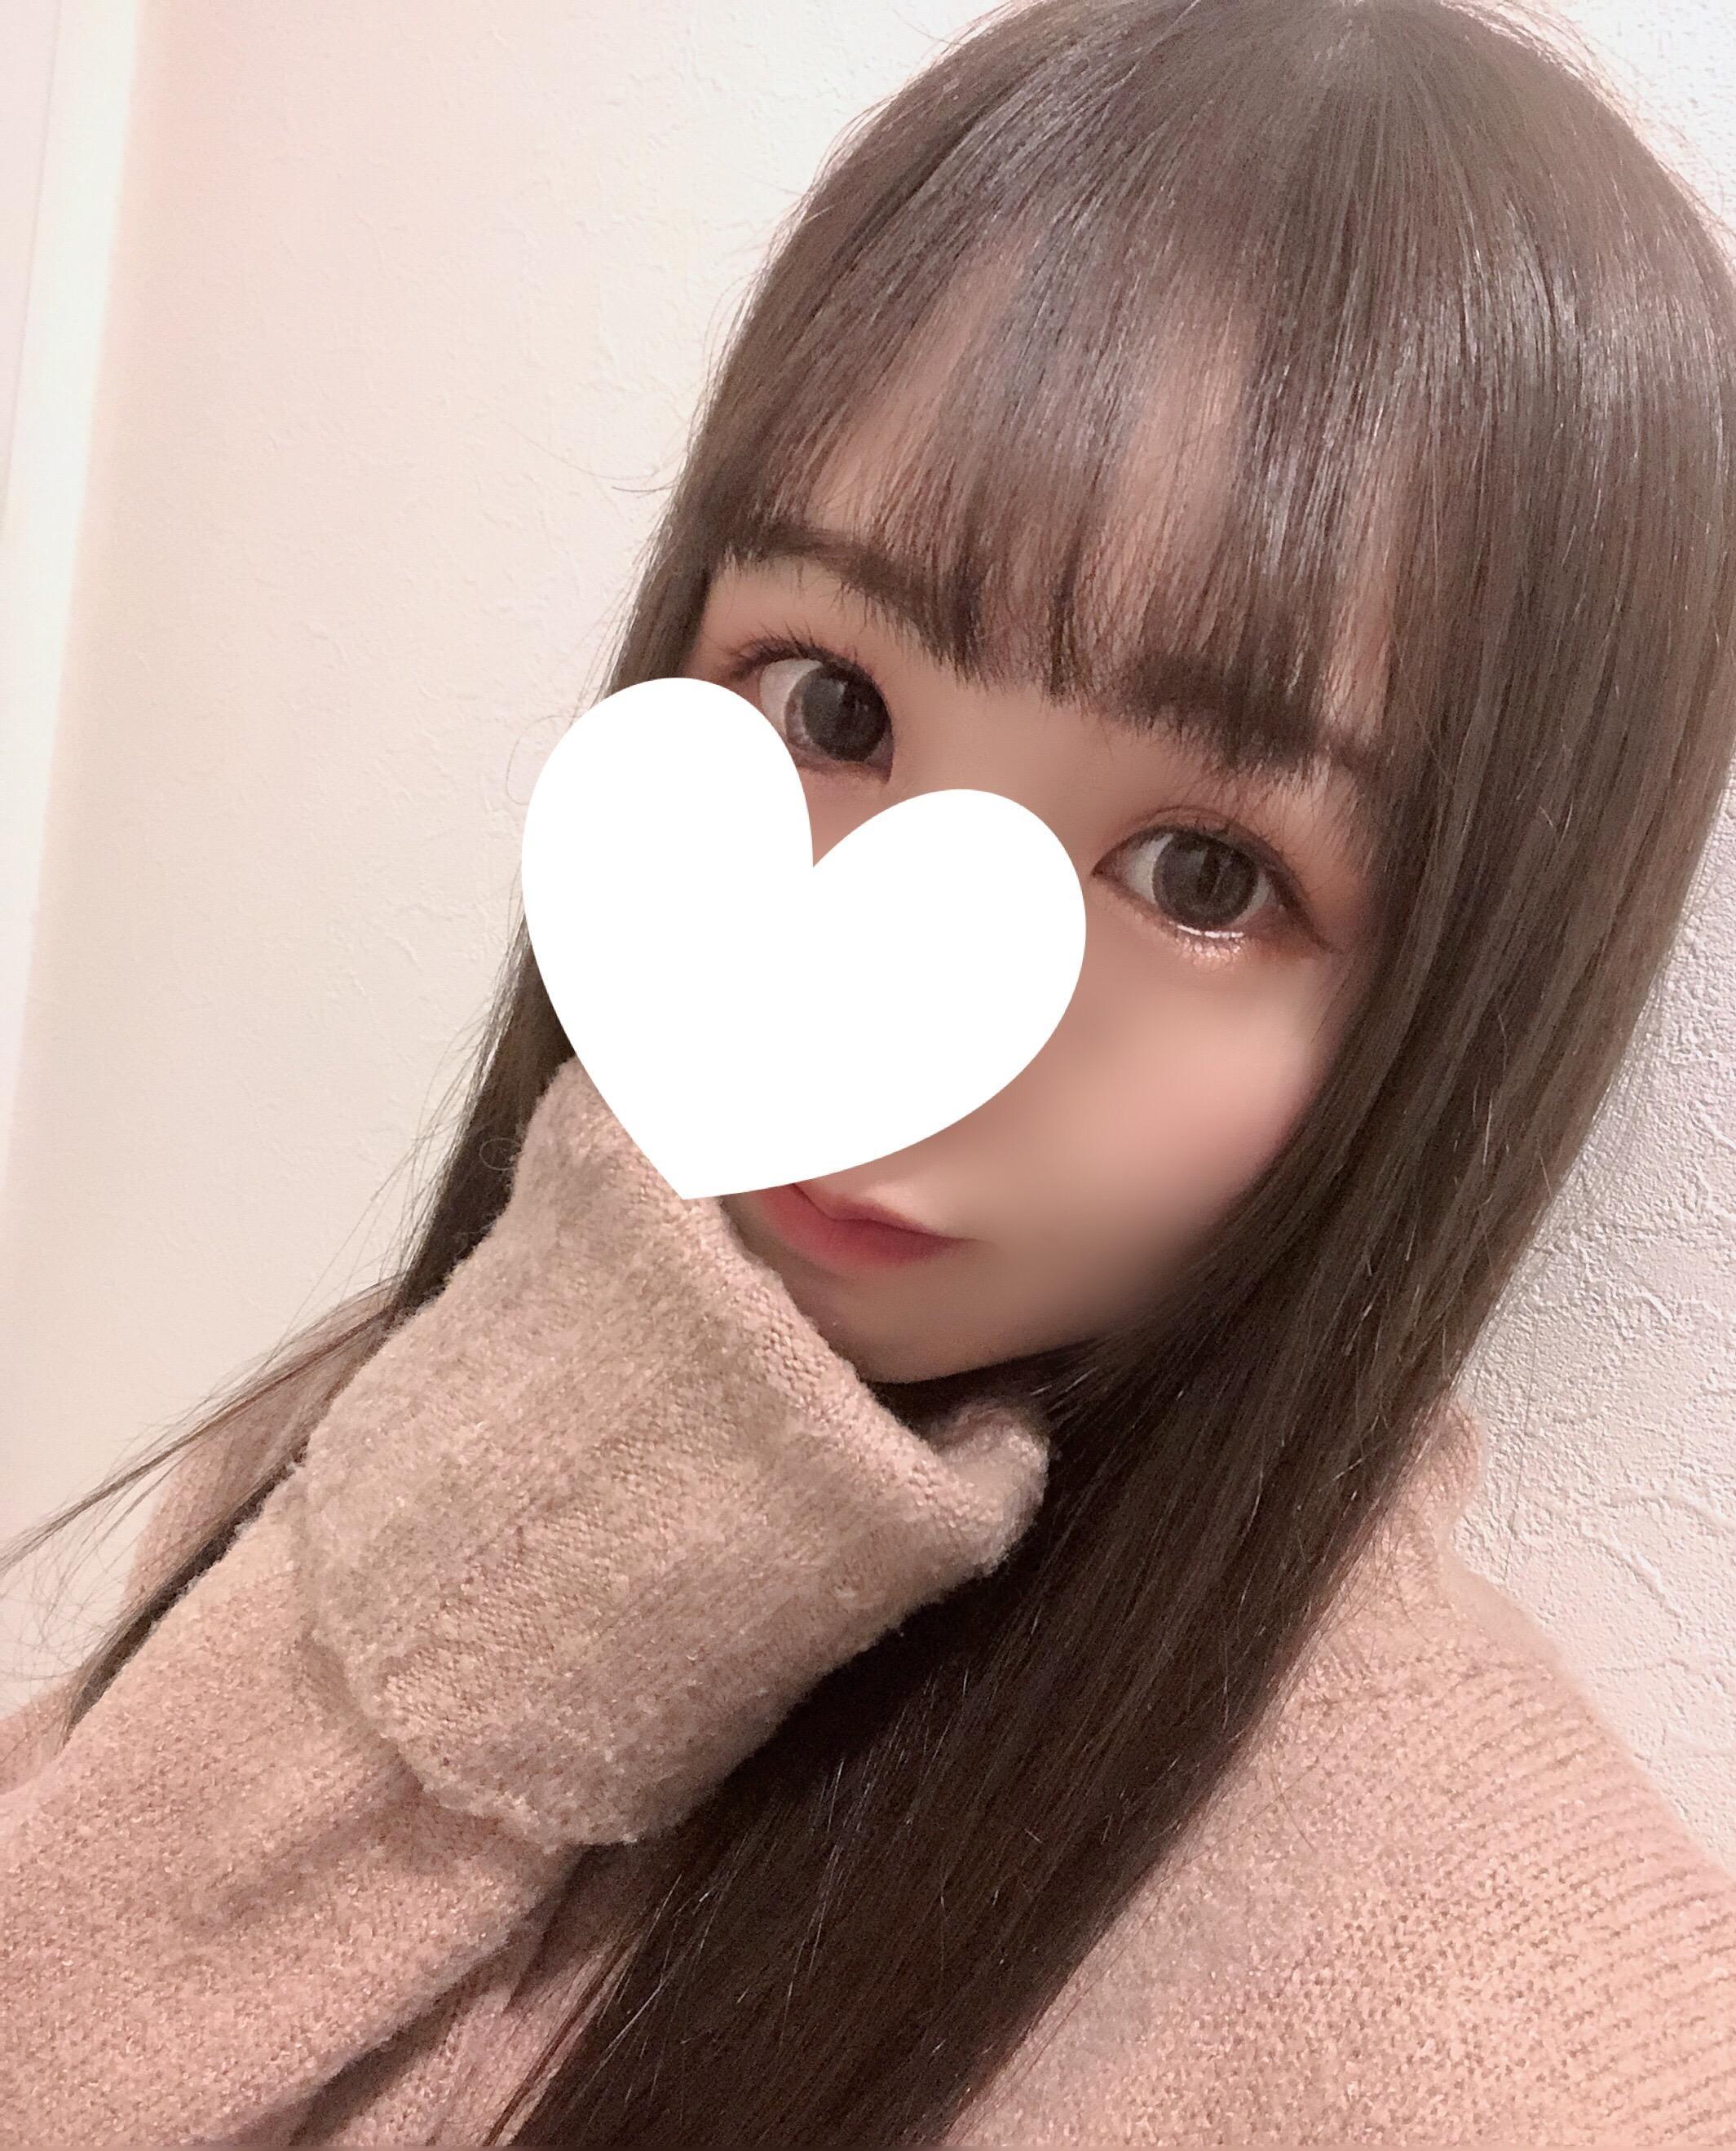 「明日(´˘`*)」01/17(01/17) 15:46   みお☆REGULARの写メ・風俗動画